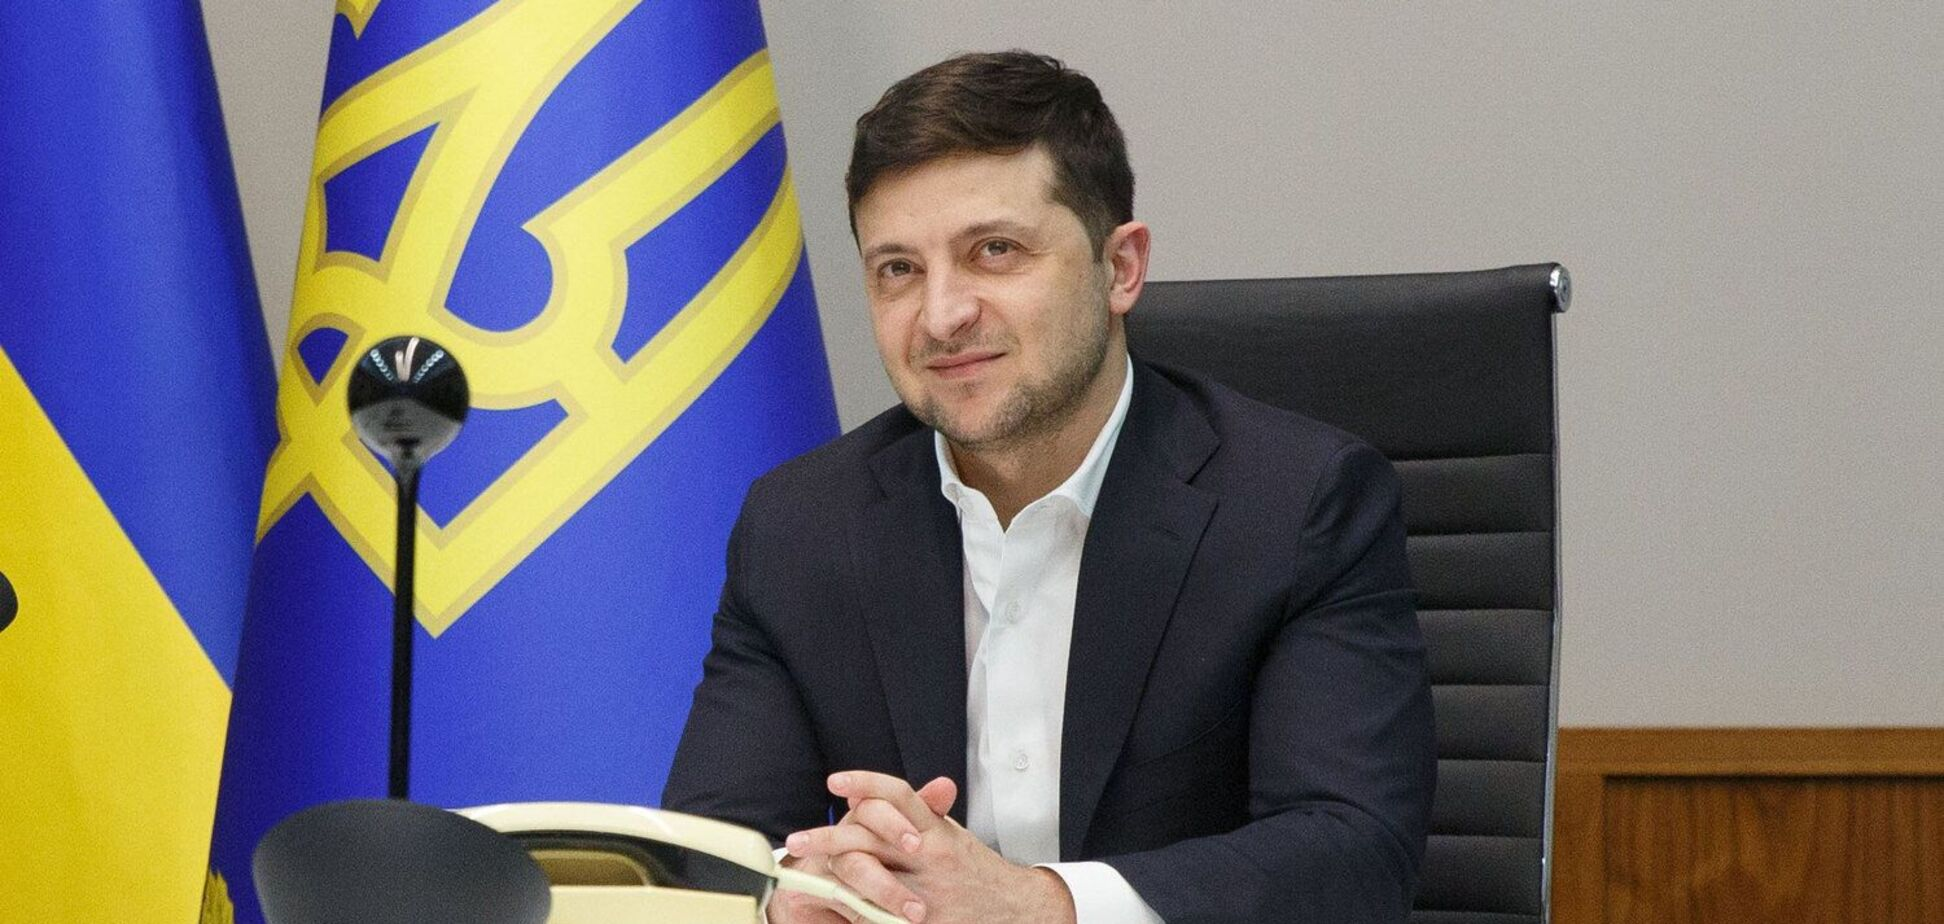 Владимир Зеленский празднует день рождения